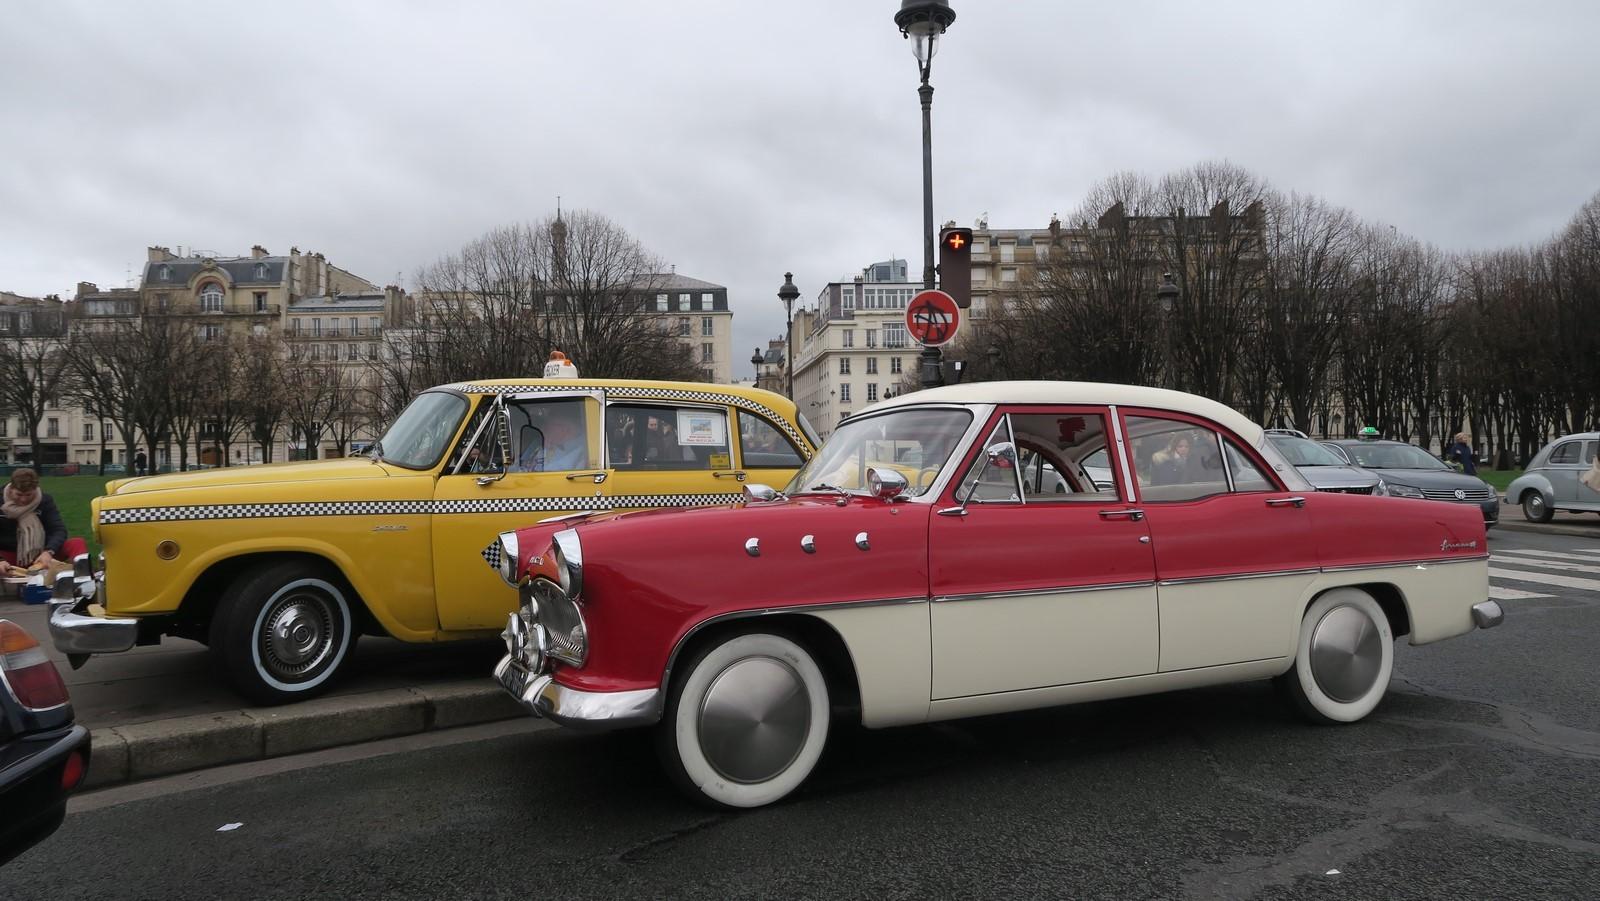 Traversee de Paris hivernale 2019 FM 98